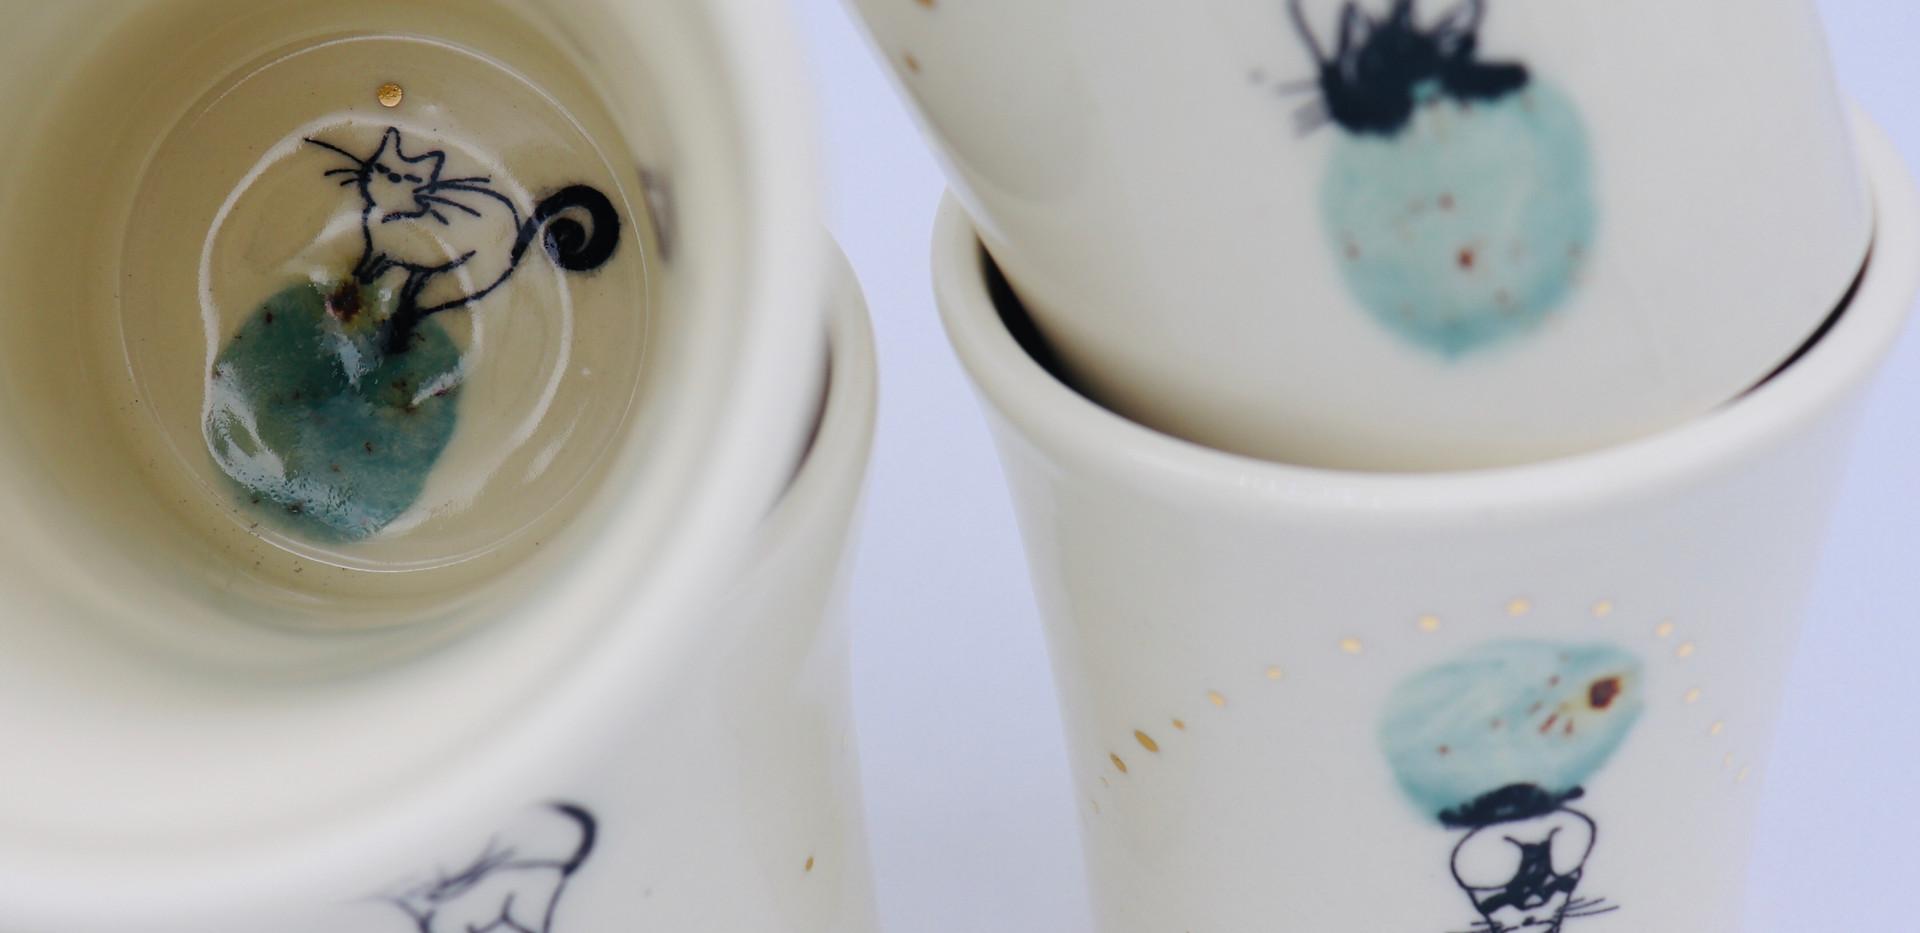 Luna Cat - Green - inside cups.jpg